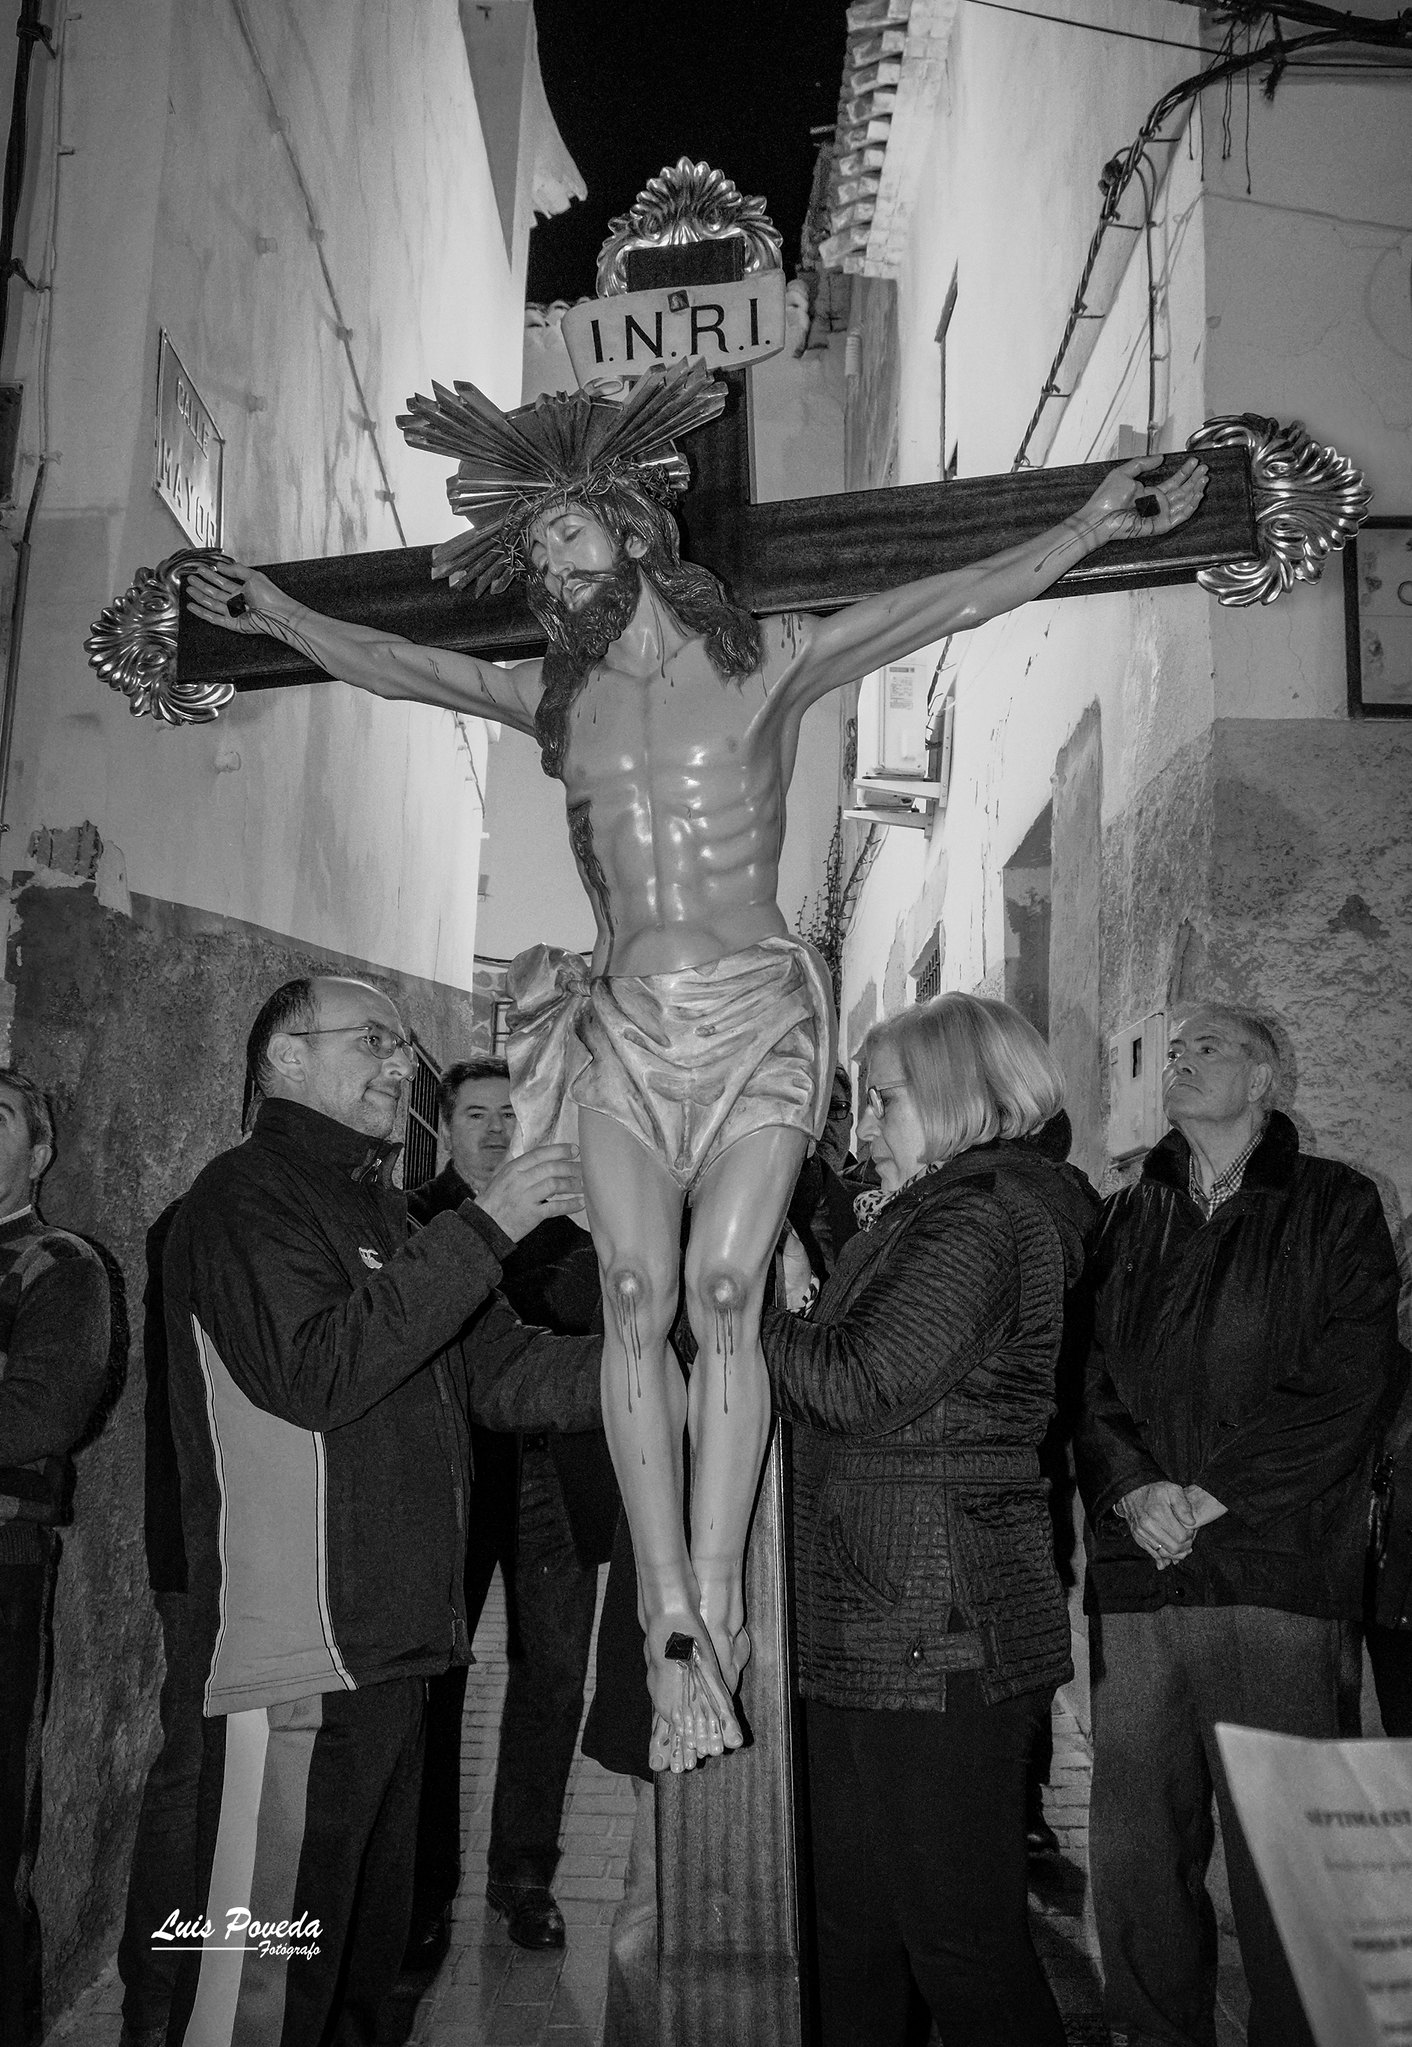 (2019-04-12) - X Vía Crucis nocturno - Luis Poveda Galiano (10)